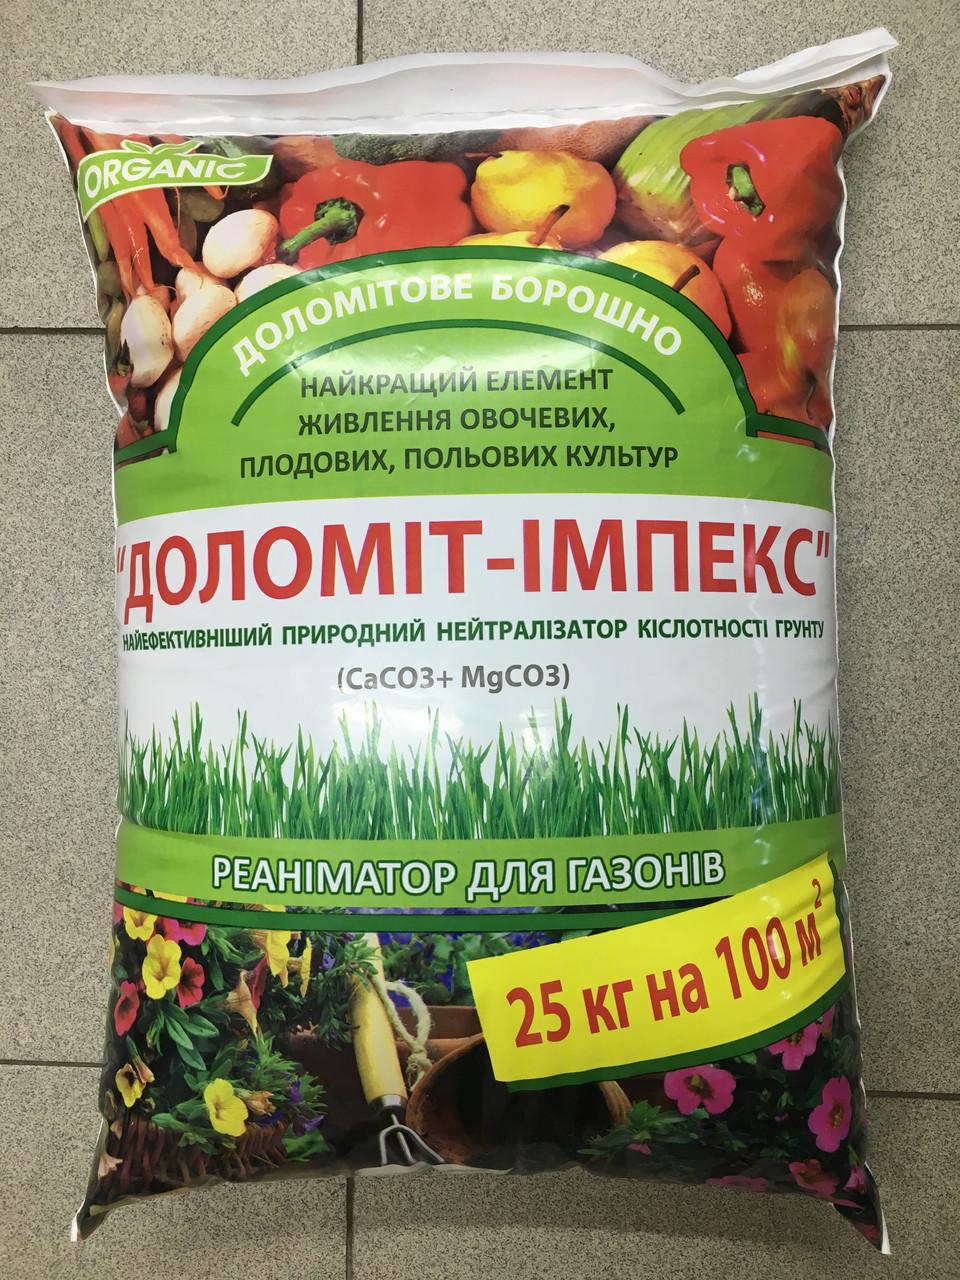 Органическое удобрение Доломит-импекс - доломитовая мука, нейтрализатор кислотности почвы, 25 кг